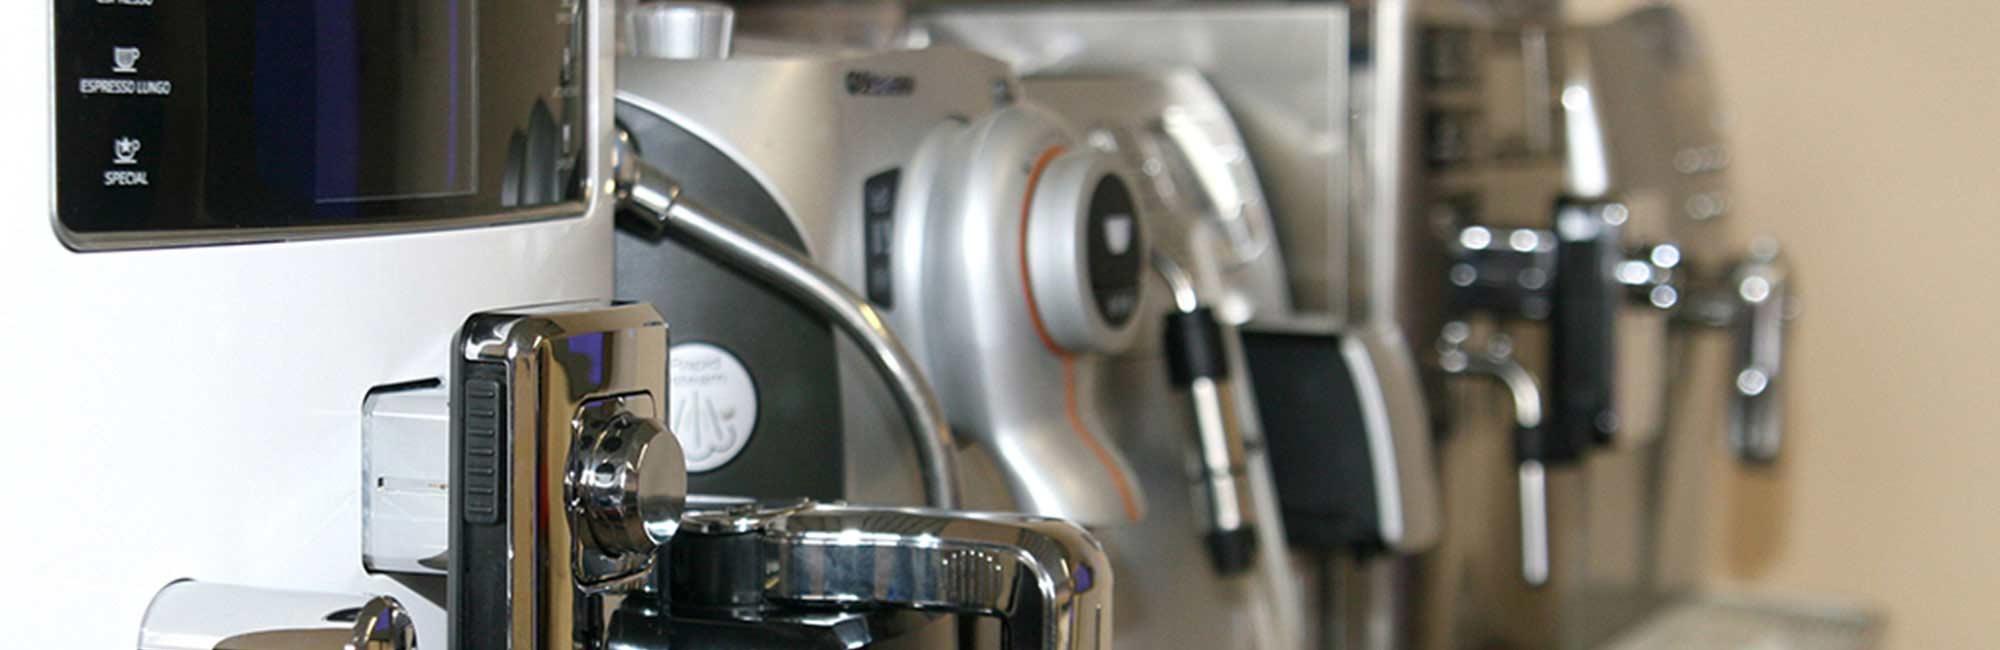 Kaffeemaschinen-Reparatur_Kaffeevollautomaten